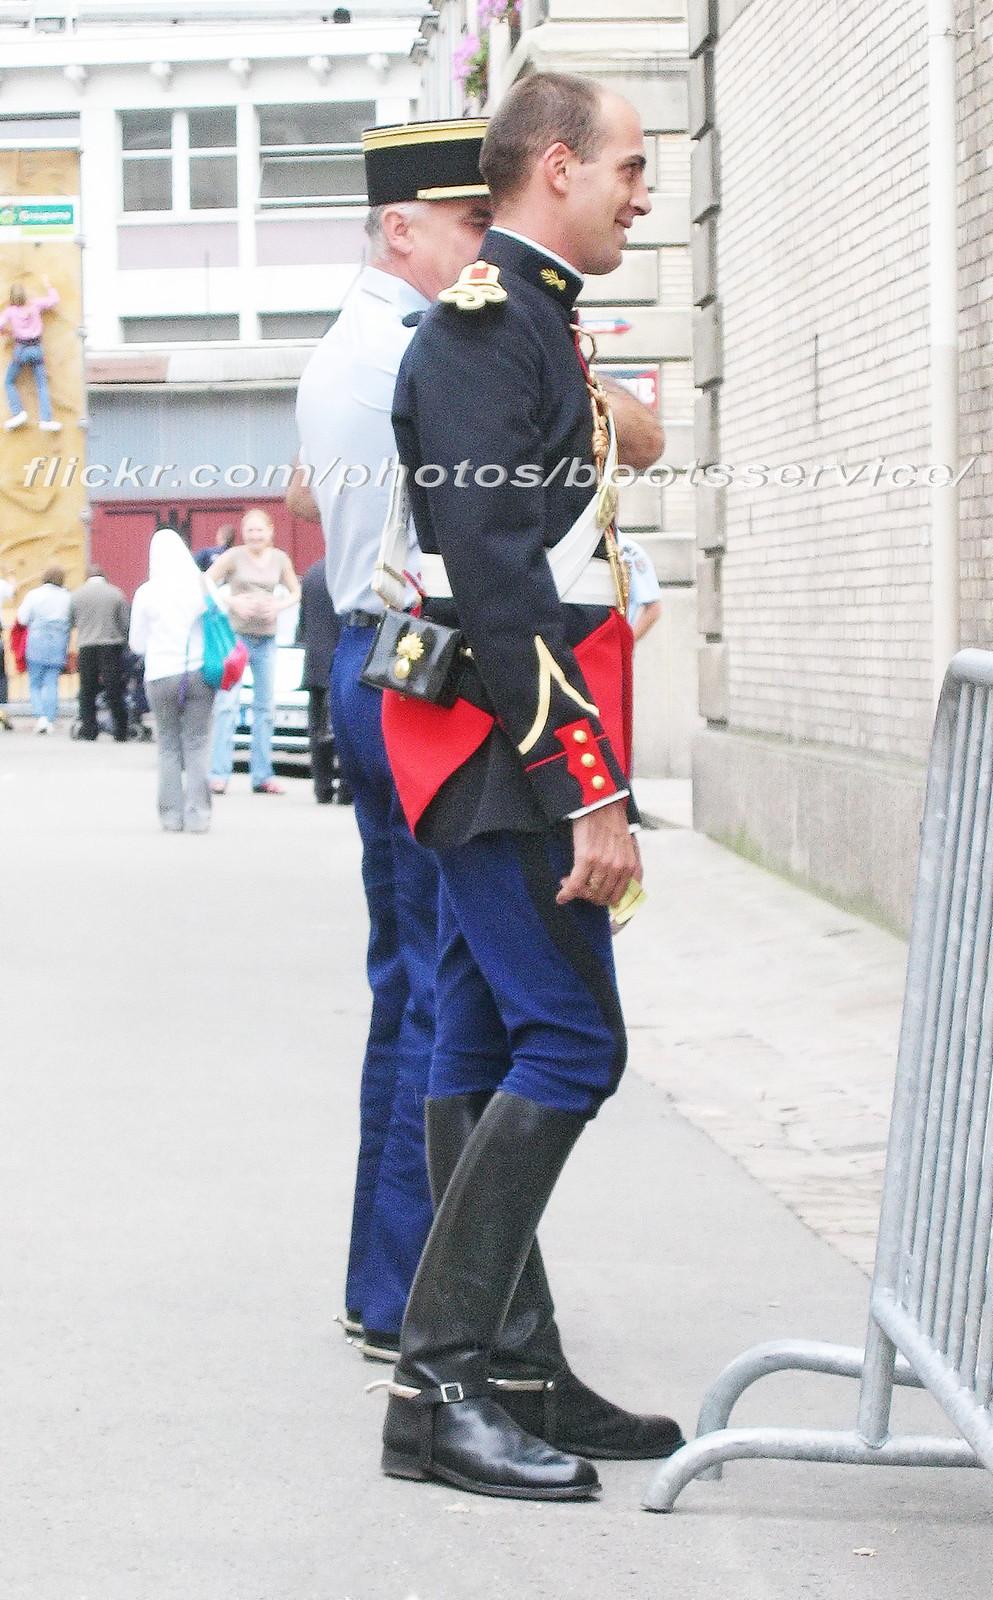 2006 garde r publicaine de paris portes ouvertes open days 2006 1 3 fanfare de cavalerie - Portes ouvertes garde republicaine ...